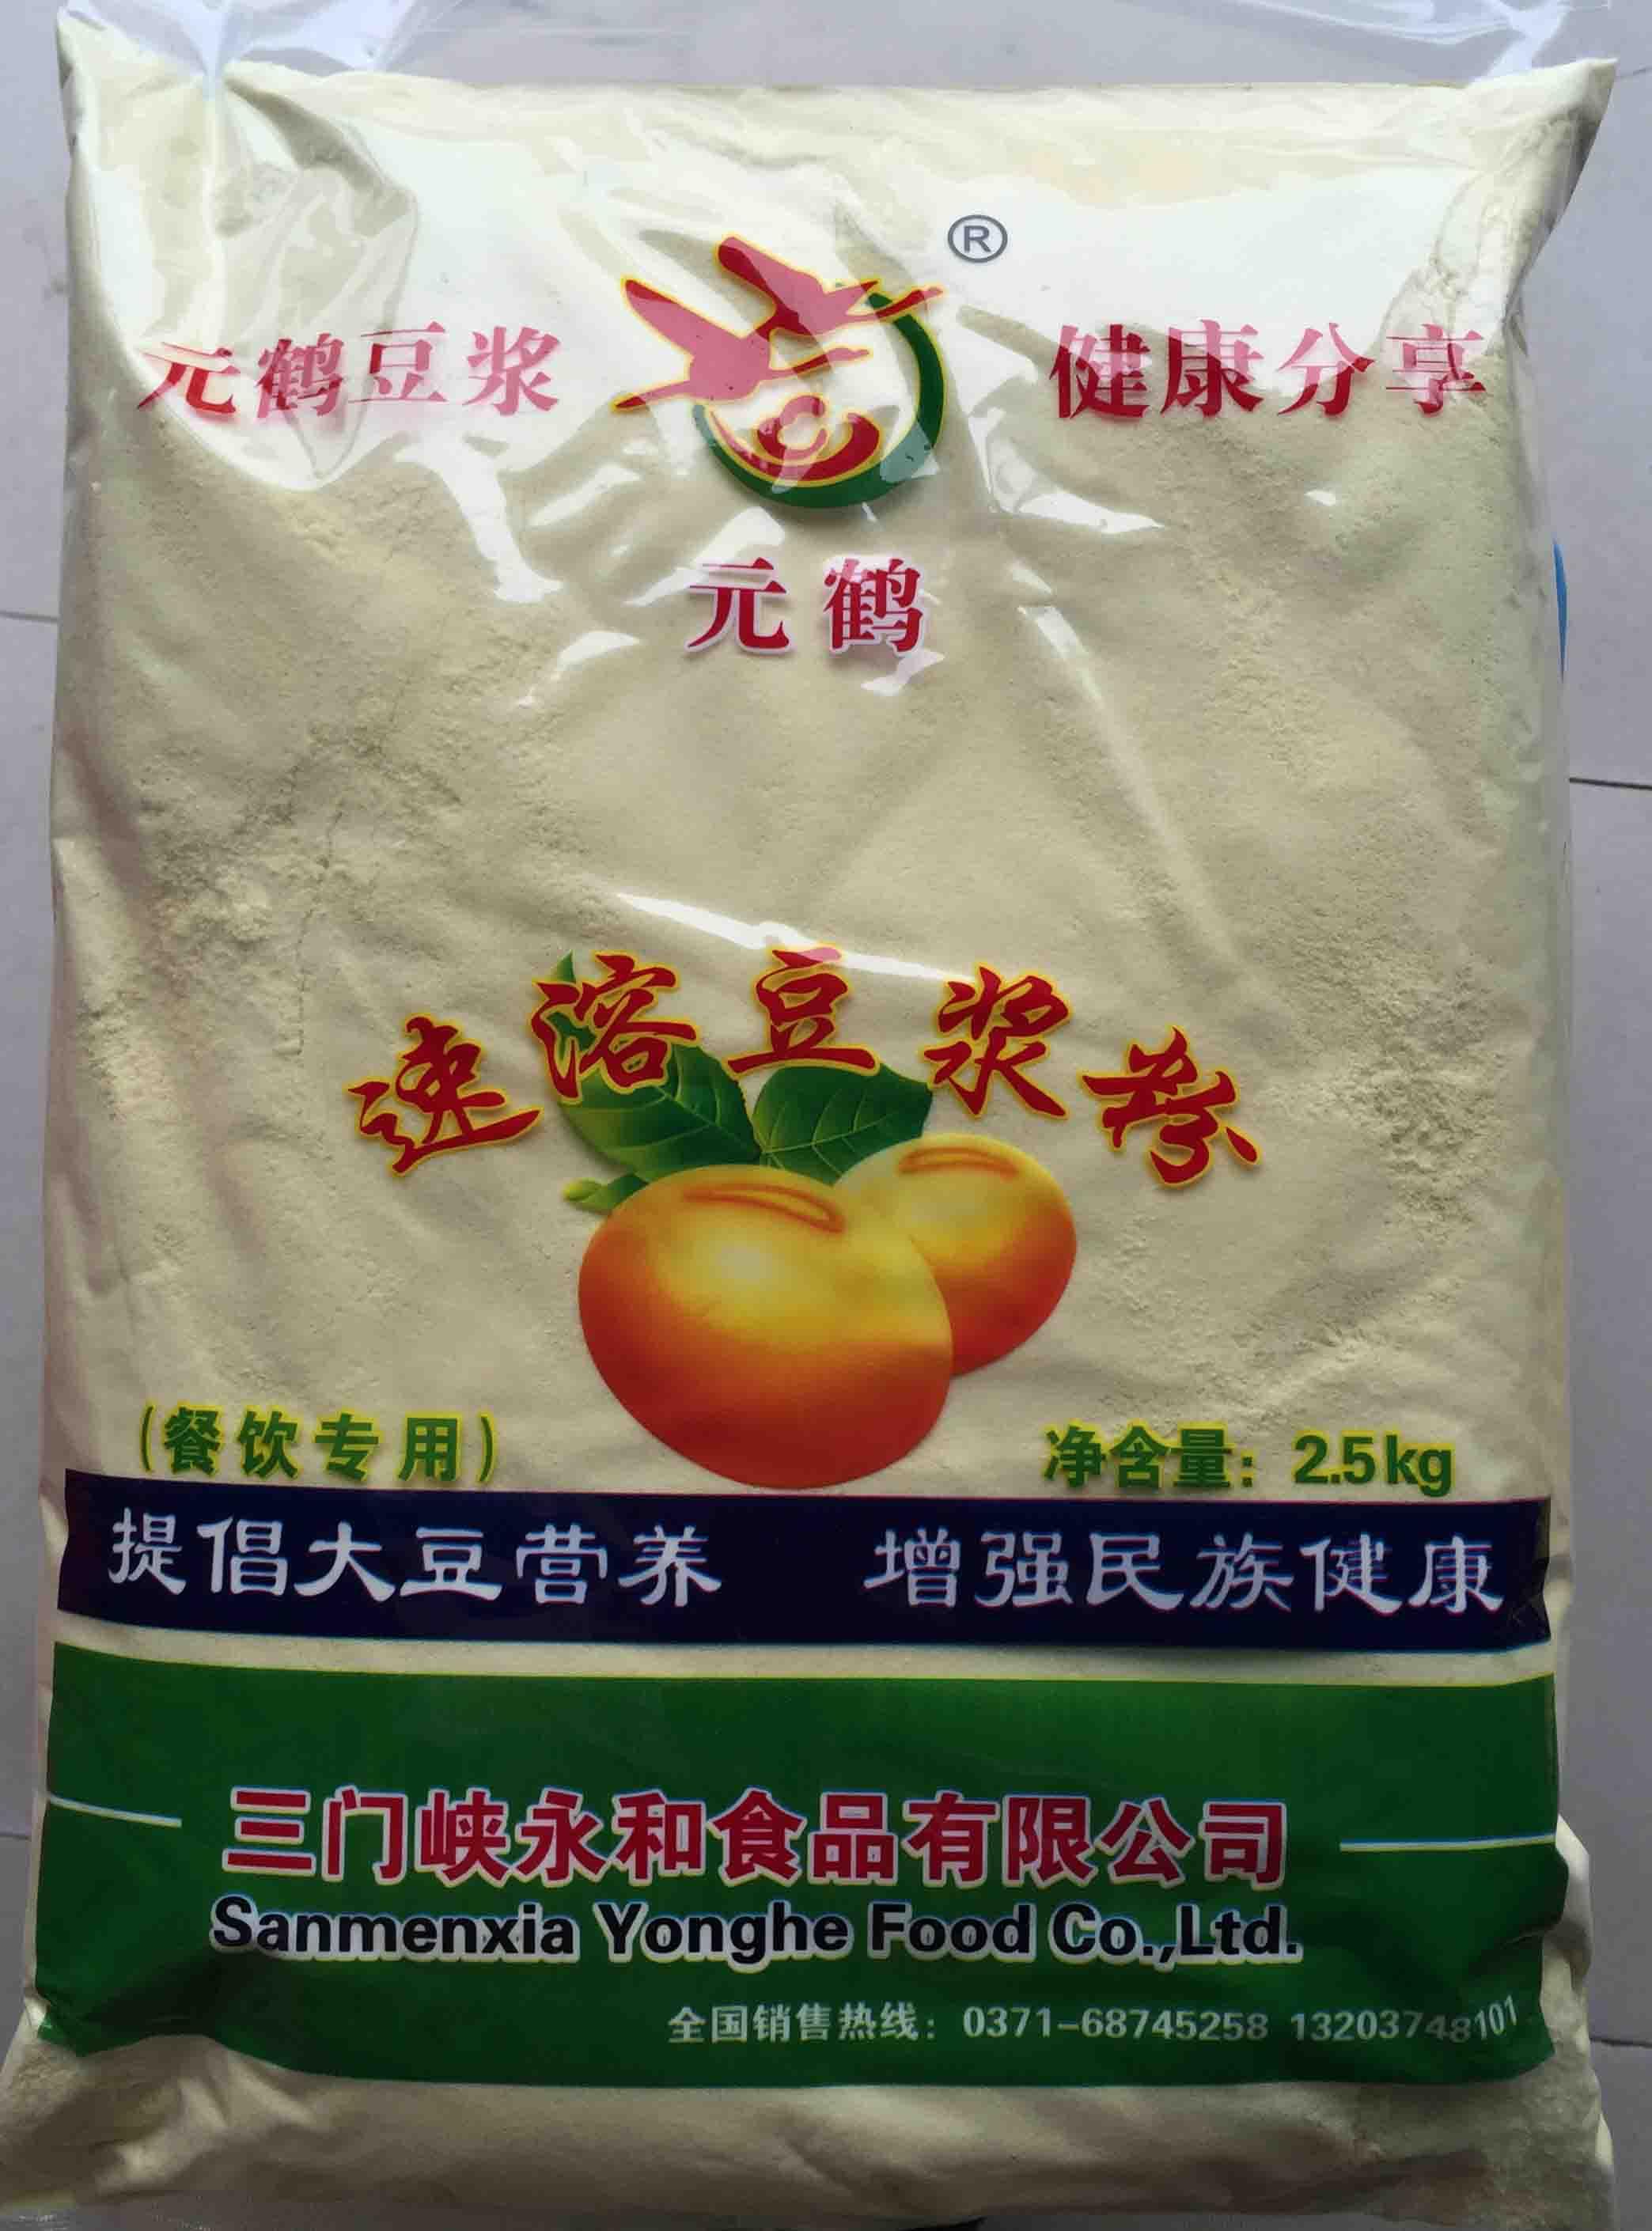 哪里能买到放心的湖北餐饮豆浆粉_黄冈餐饮豆浆